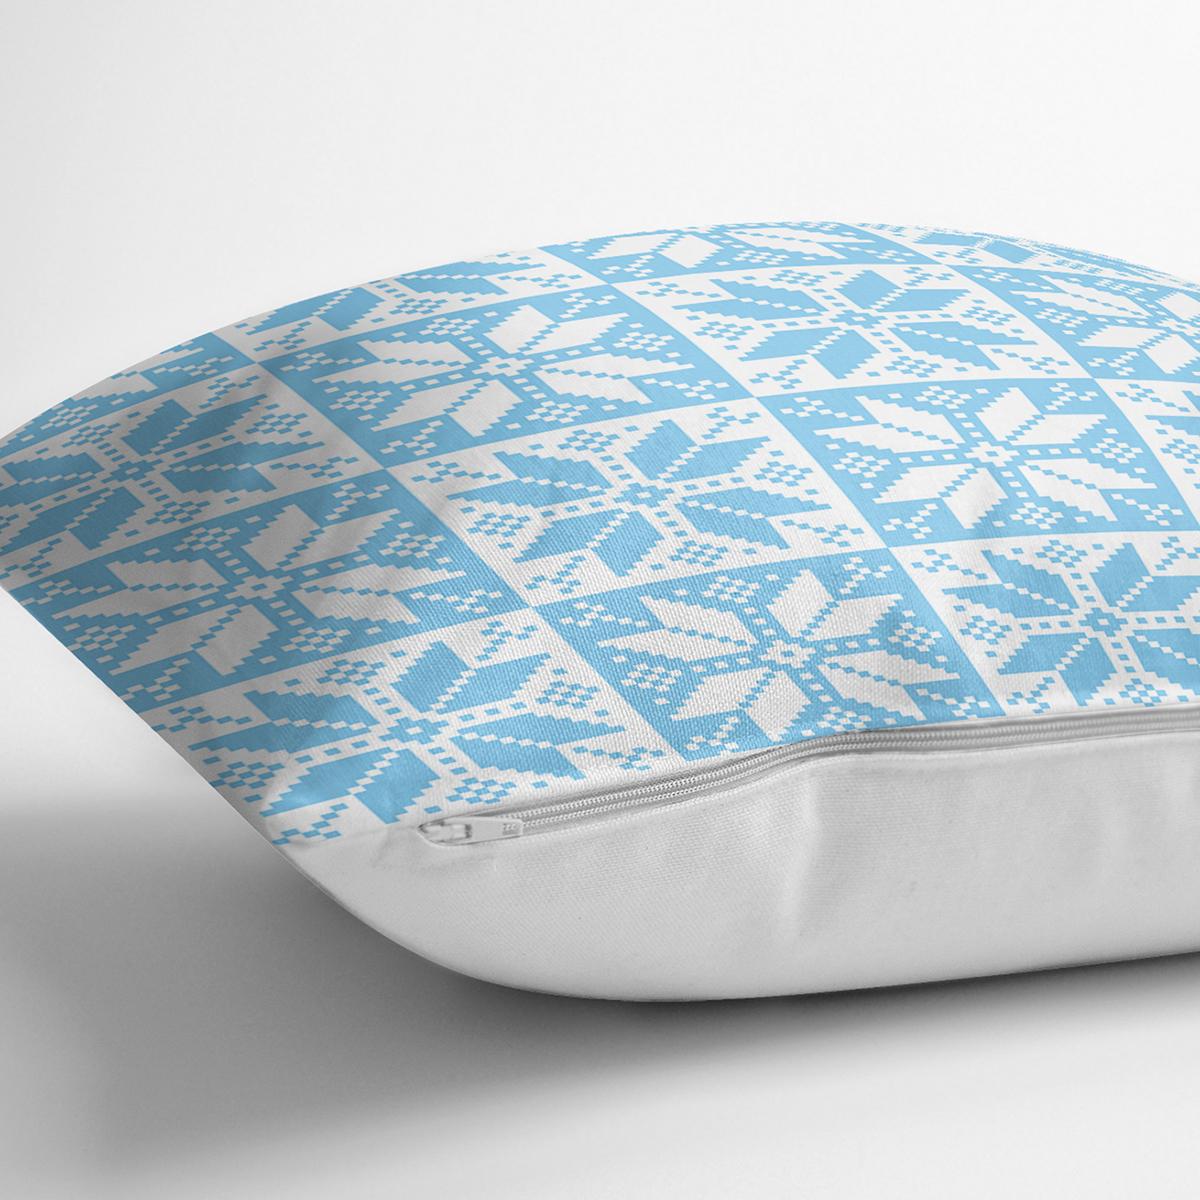 Mavi Zemin Üzerinde Kartanesi Motifli Dijital Baskılı Modern Yastık Kırlent Kılıfı Realhomes